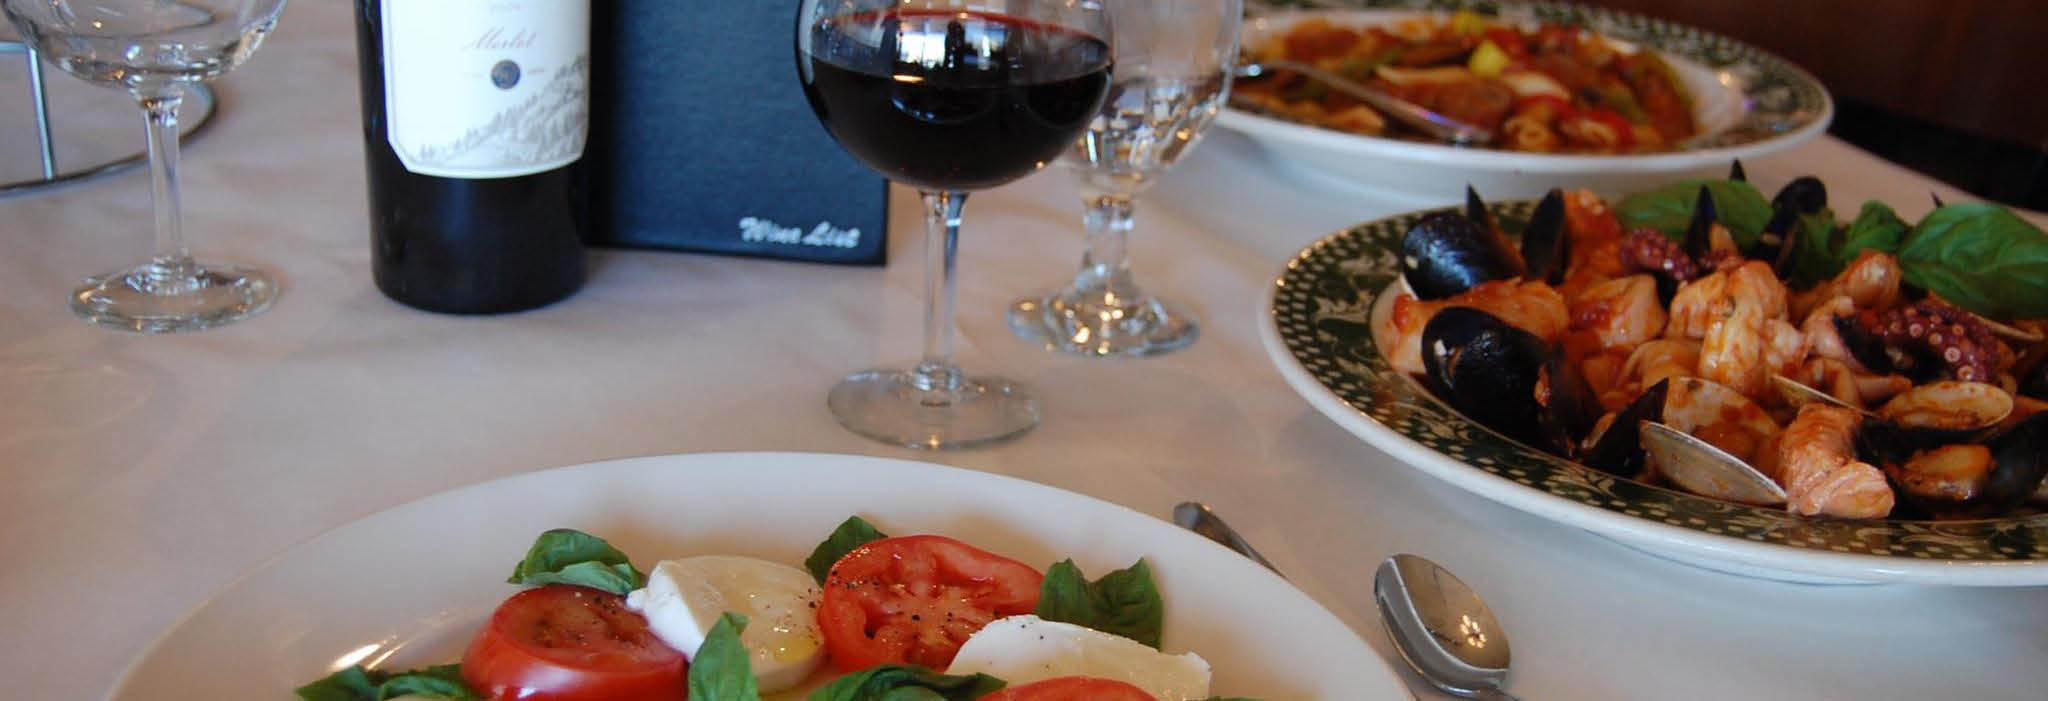 RoccoVino's Italian Restaurant in Carol Stream, IL banner